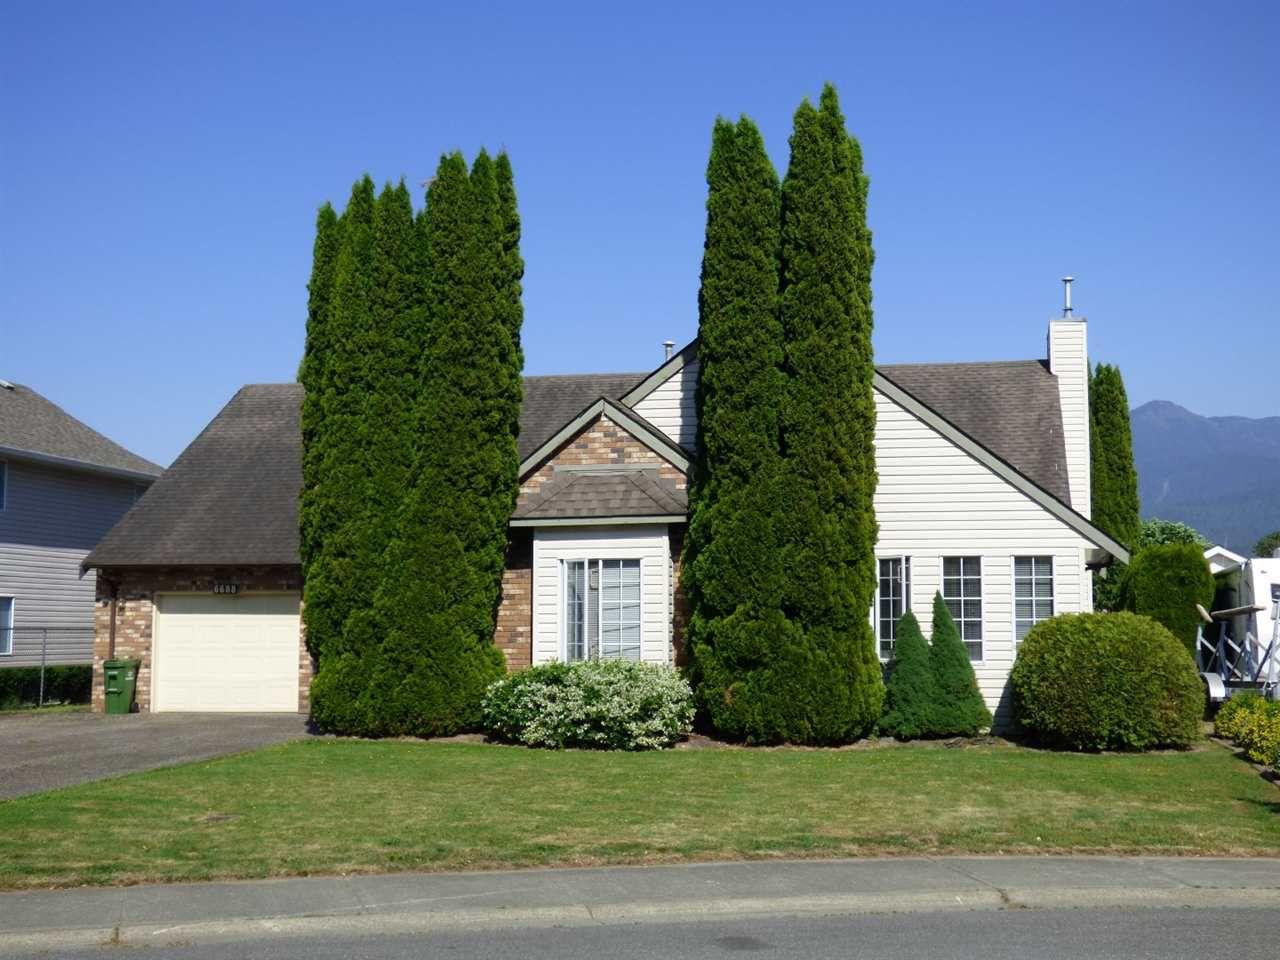 Main Photo: 6688 VANMAR Street in Sardis: Sardis East Vedder Rd House for sale : MLS®# R2272397